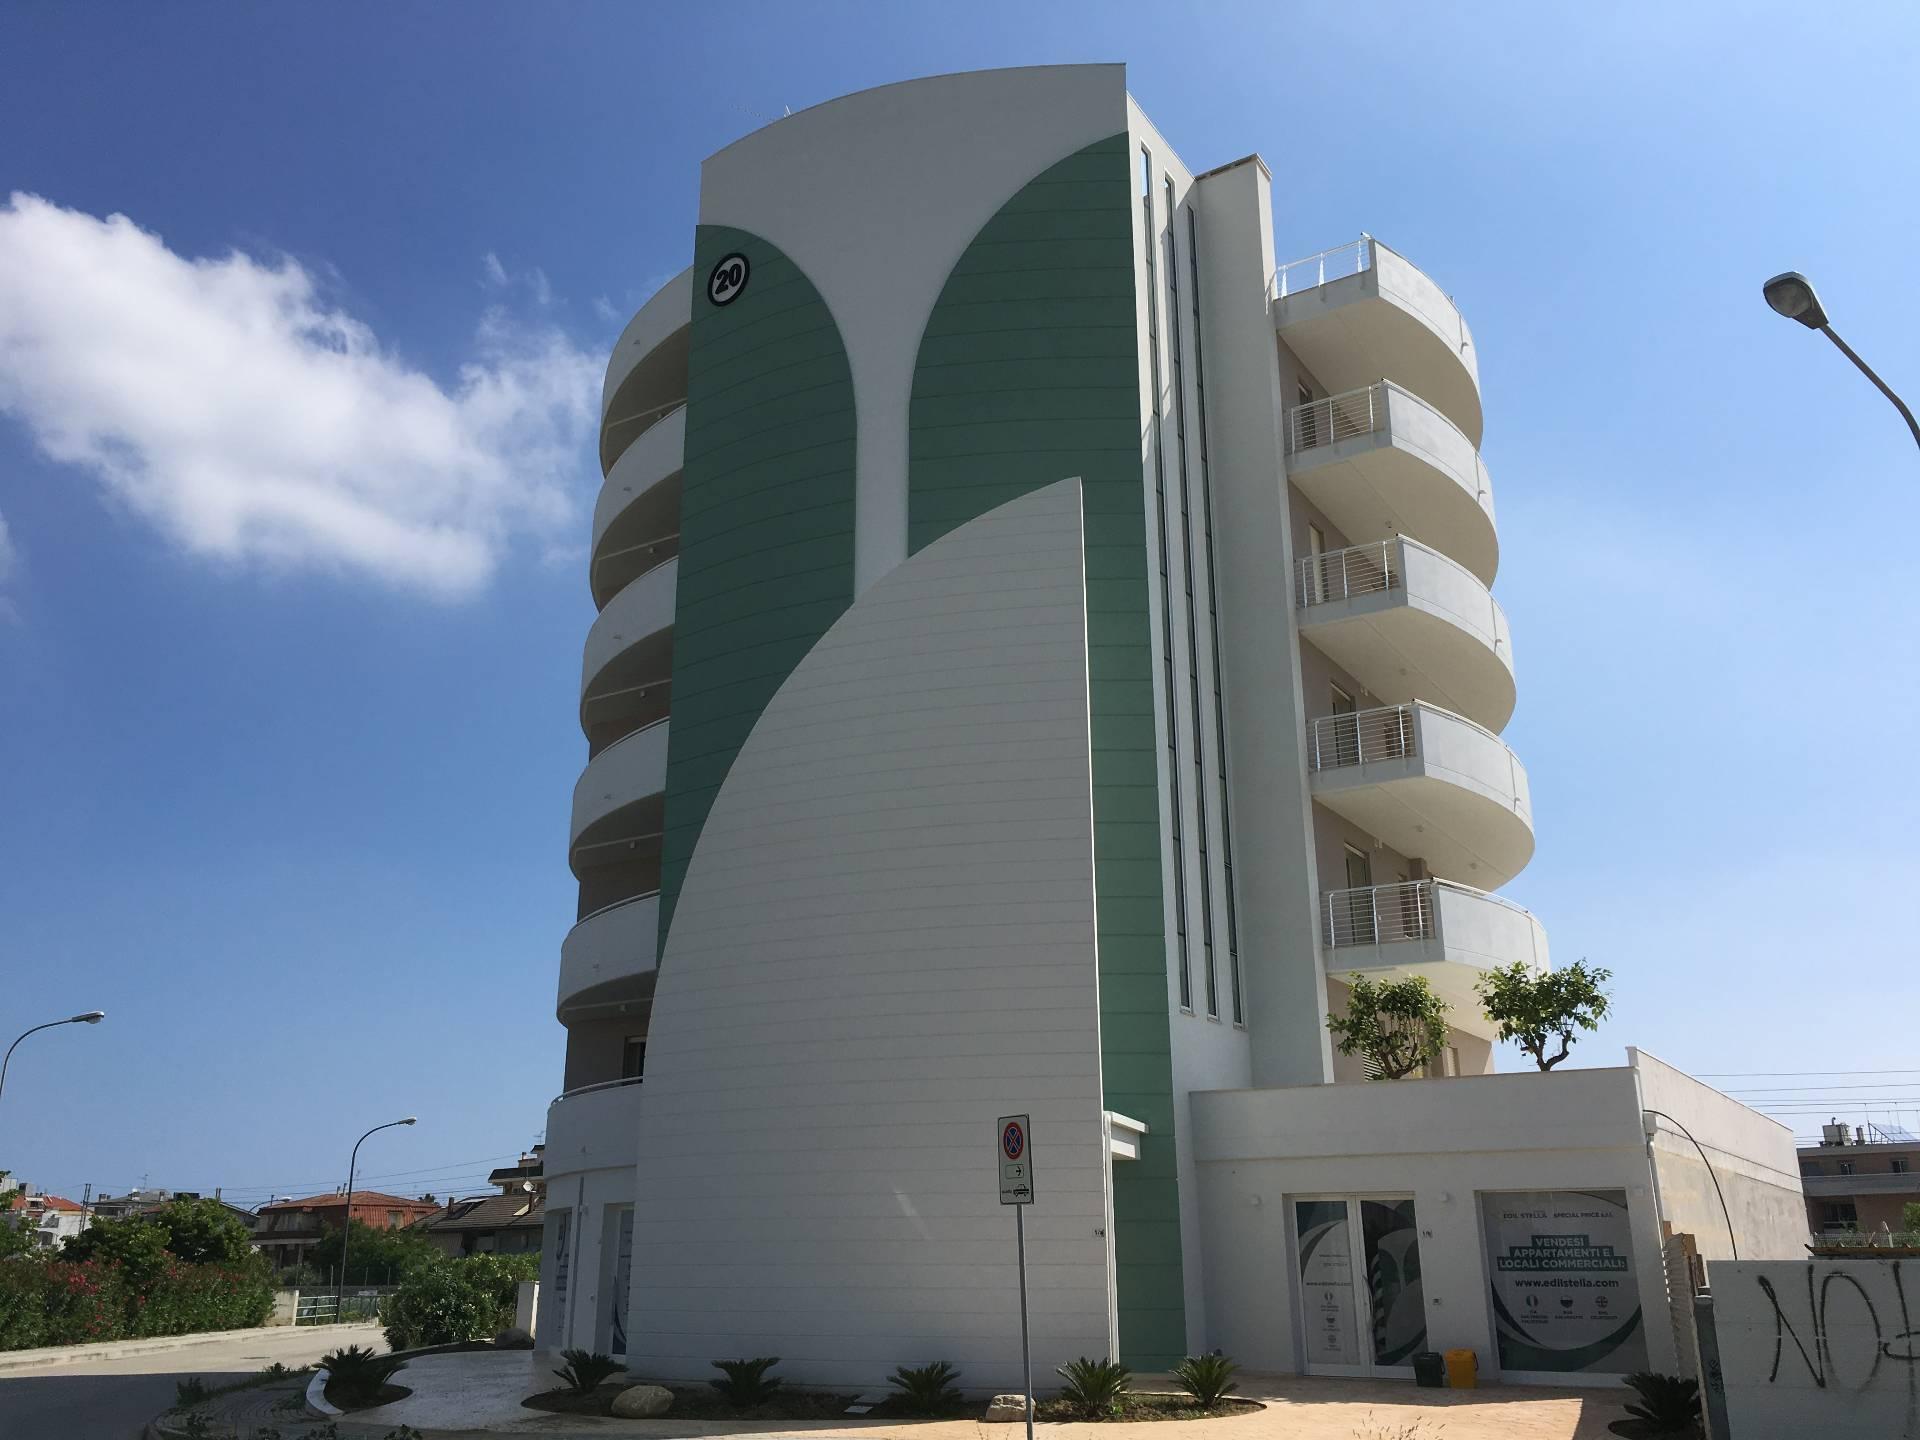 Appartamento in vendita a Grottammare, 3 locali, zona Località: zonaOrologio, Trattative riservate | CambioCasa.it